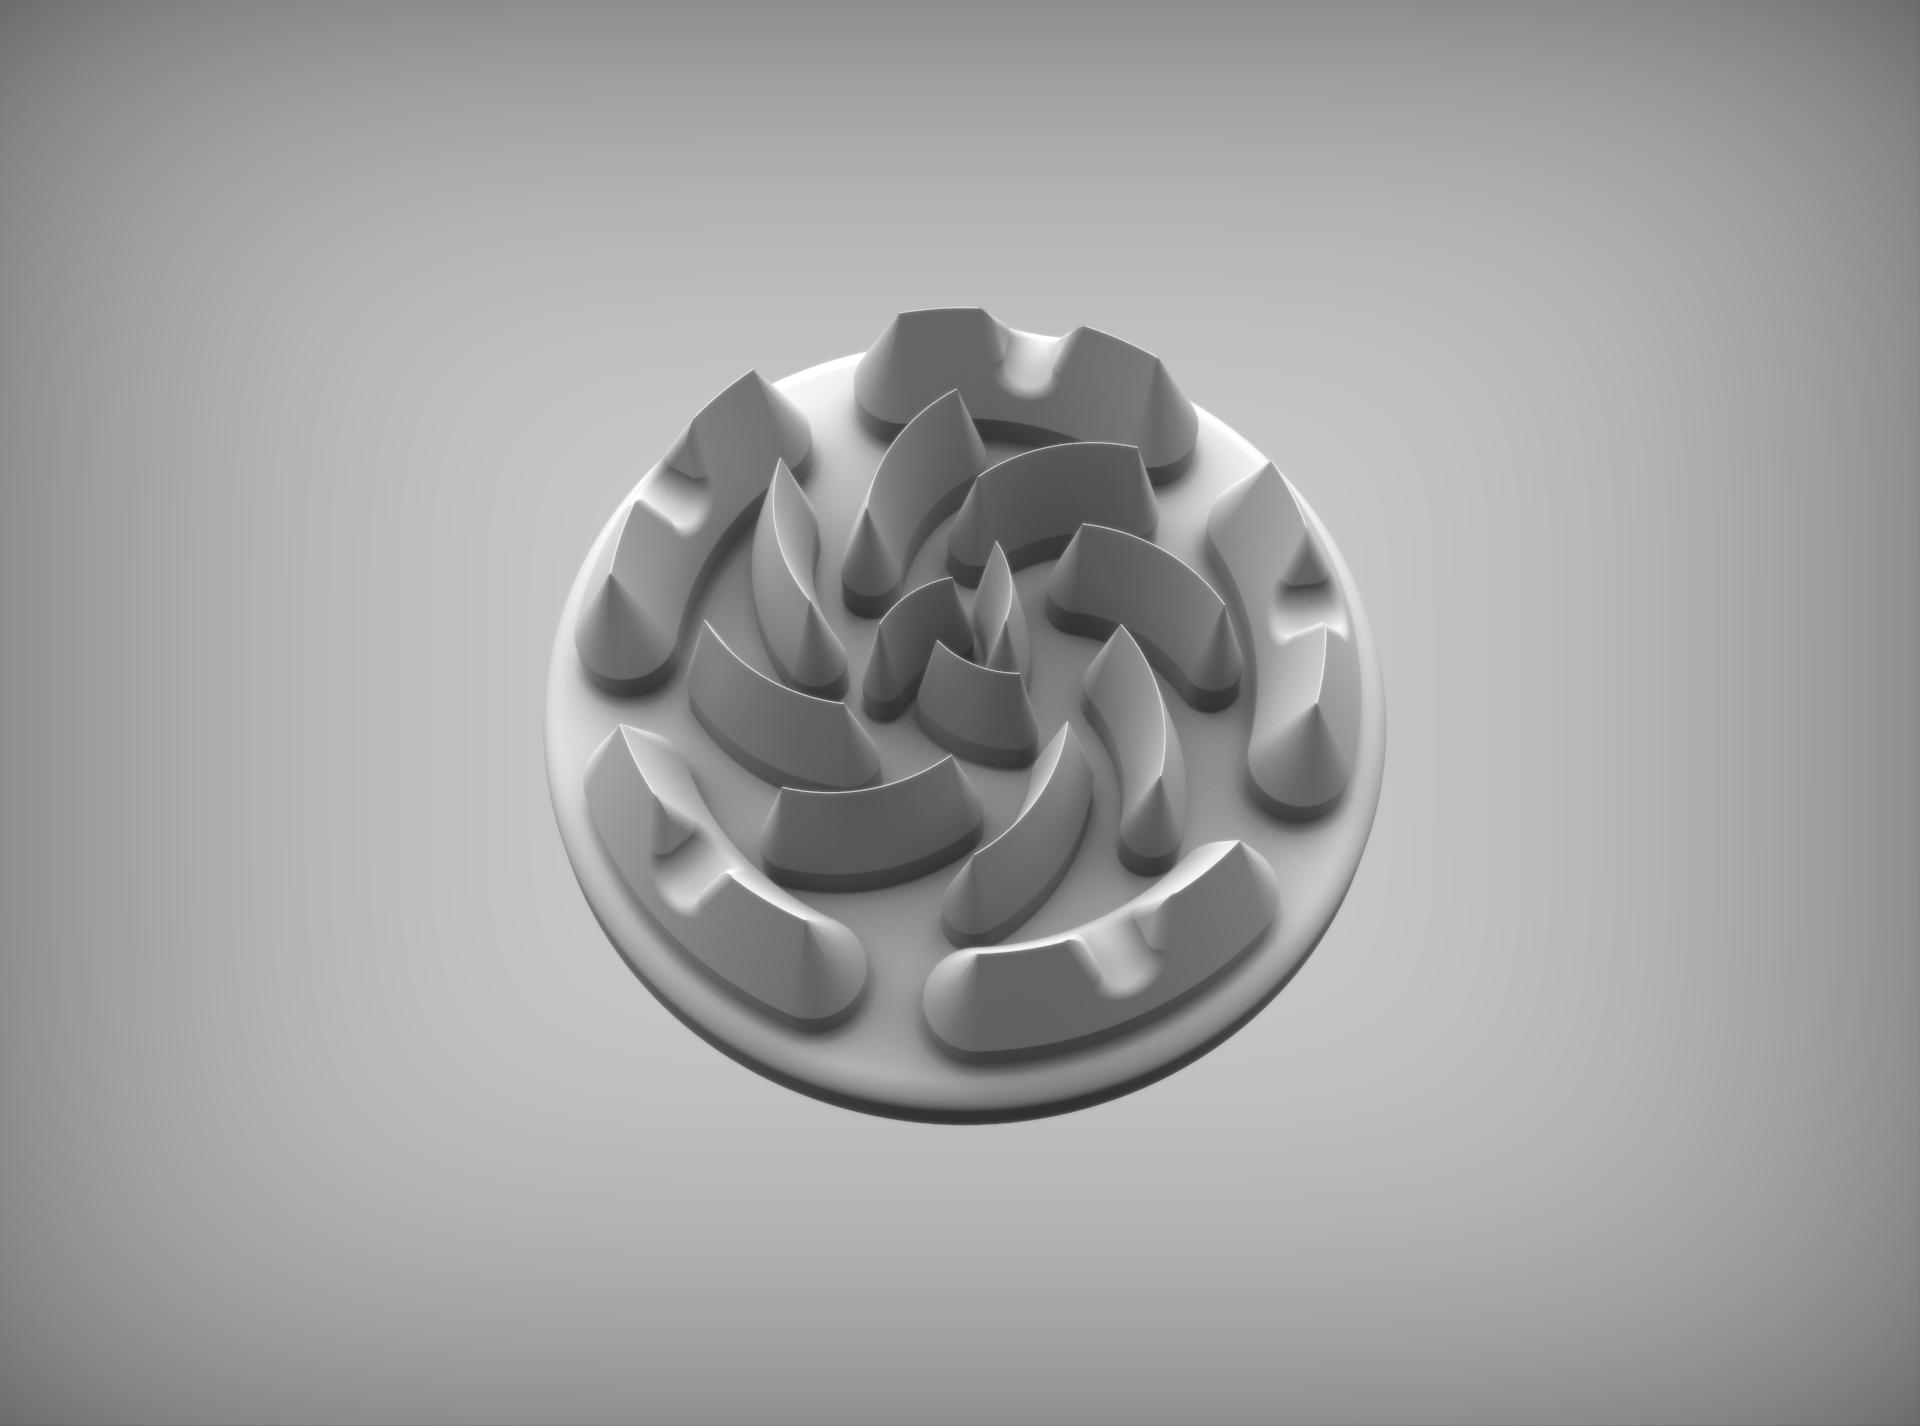 Сделать 3D модель массажного элемента формат STP/UG фото f_7305d28d7166a54f.jpg